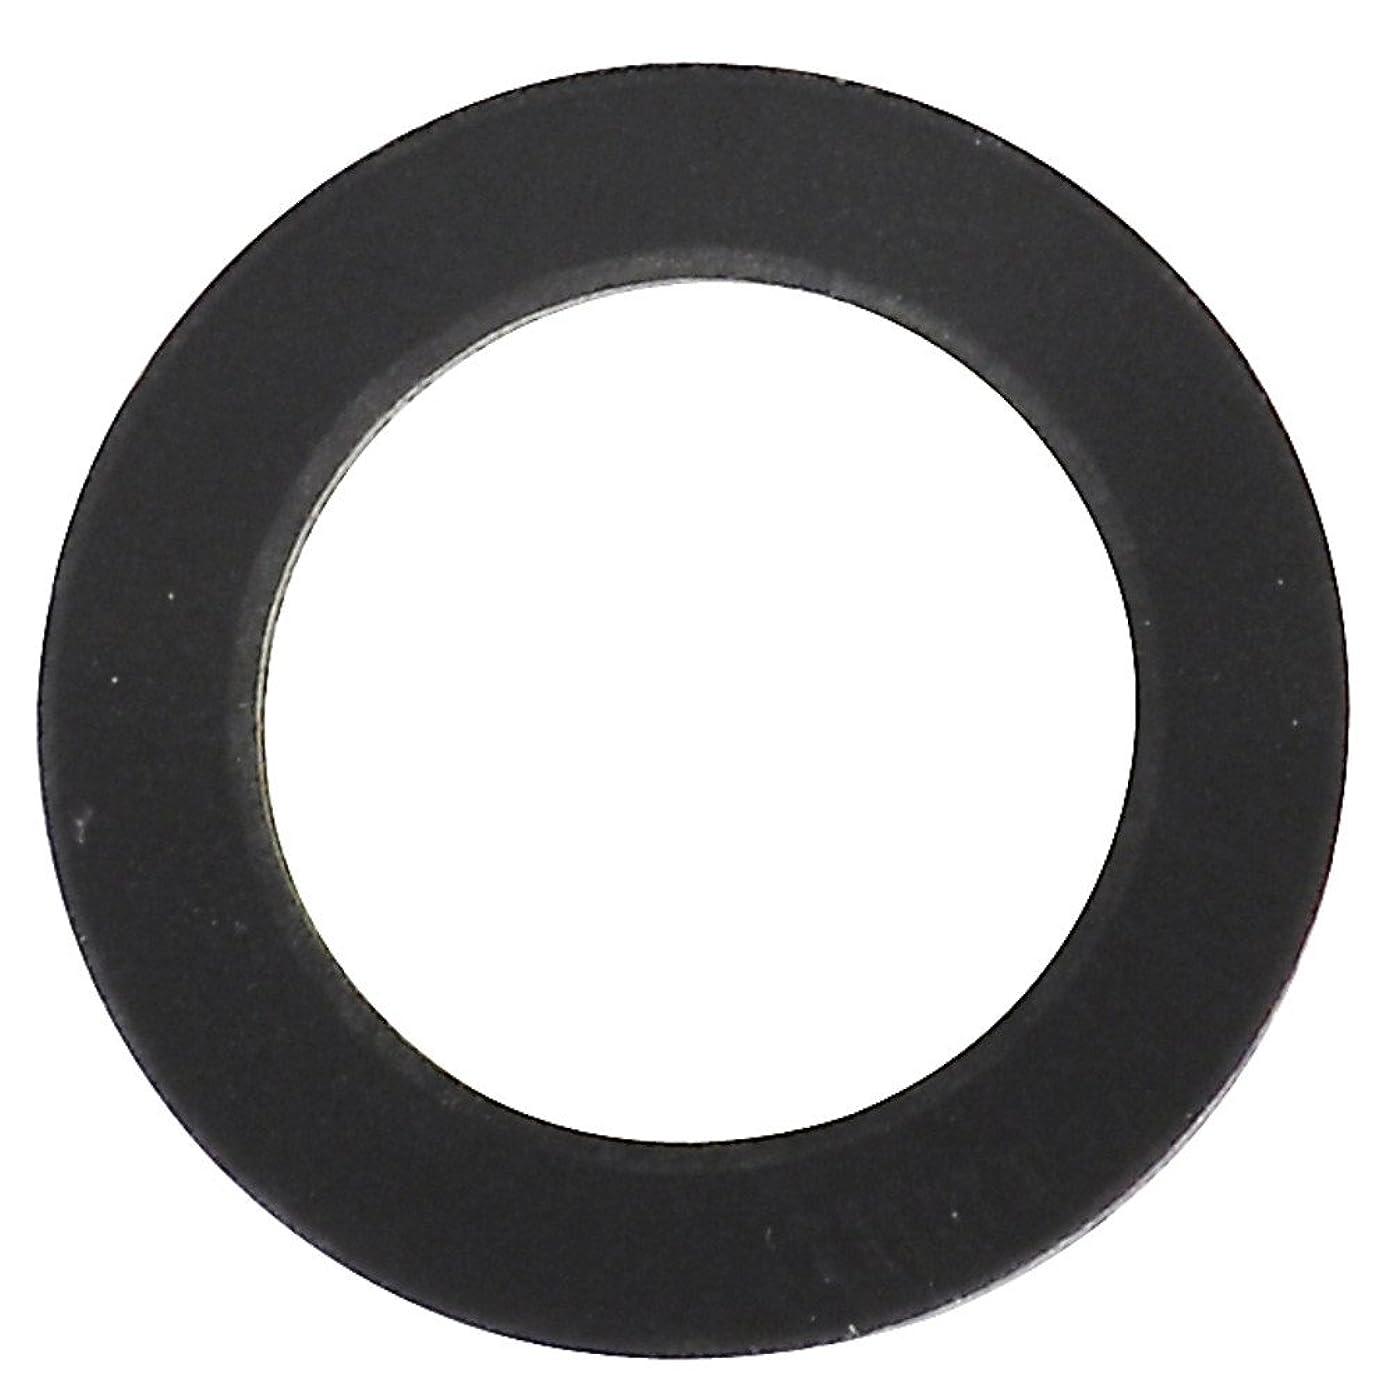 引用小包欠席BIGM(丸山製作所) カップリングパッキン 金属 25mm用 641342